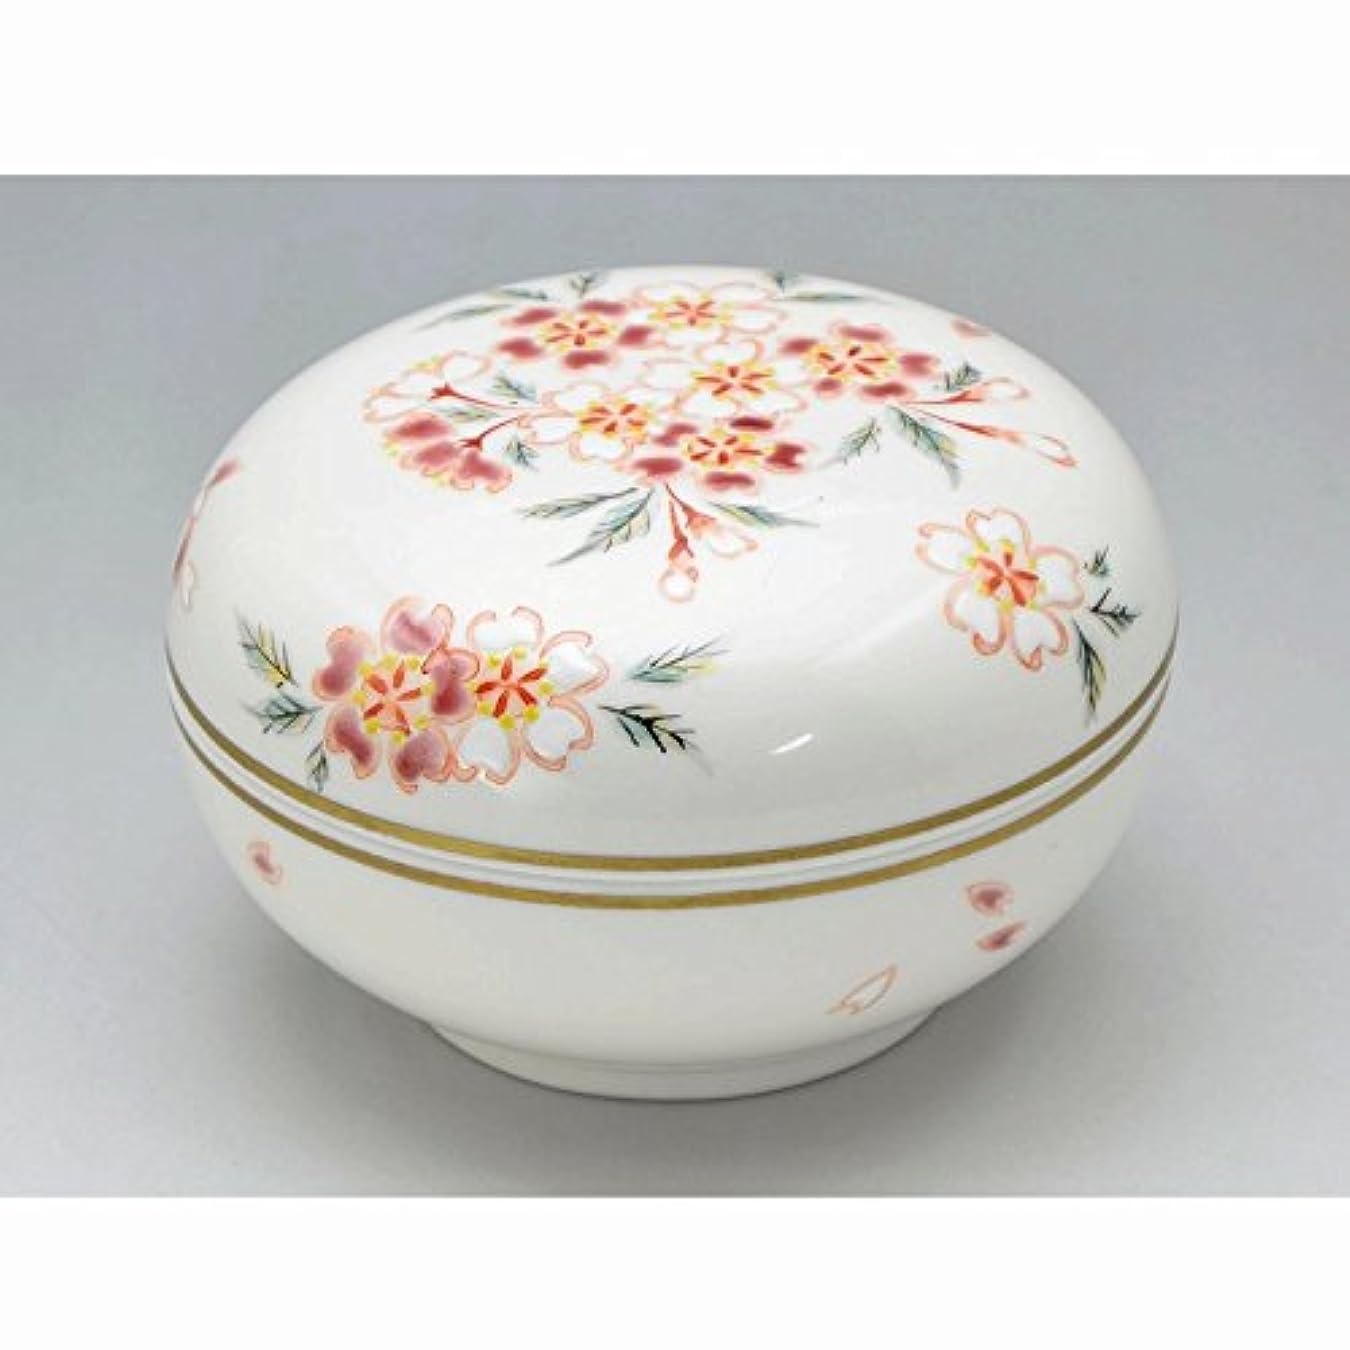 追放する魅惑的な餌京焼?清水焼 磁器 香合 花桜 紙箱入 Kiyomizu-kyo yaki ware. Japanese porcelain kogo incense burner hanazakura with paper box.